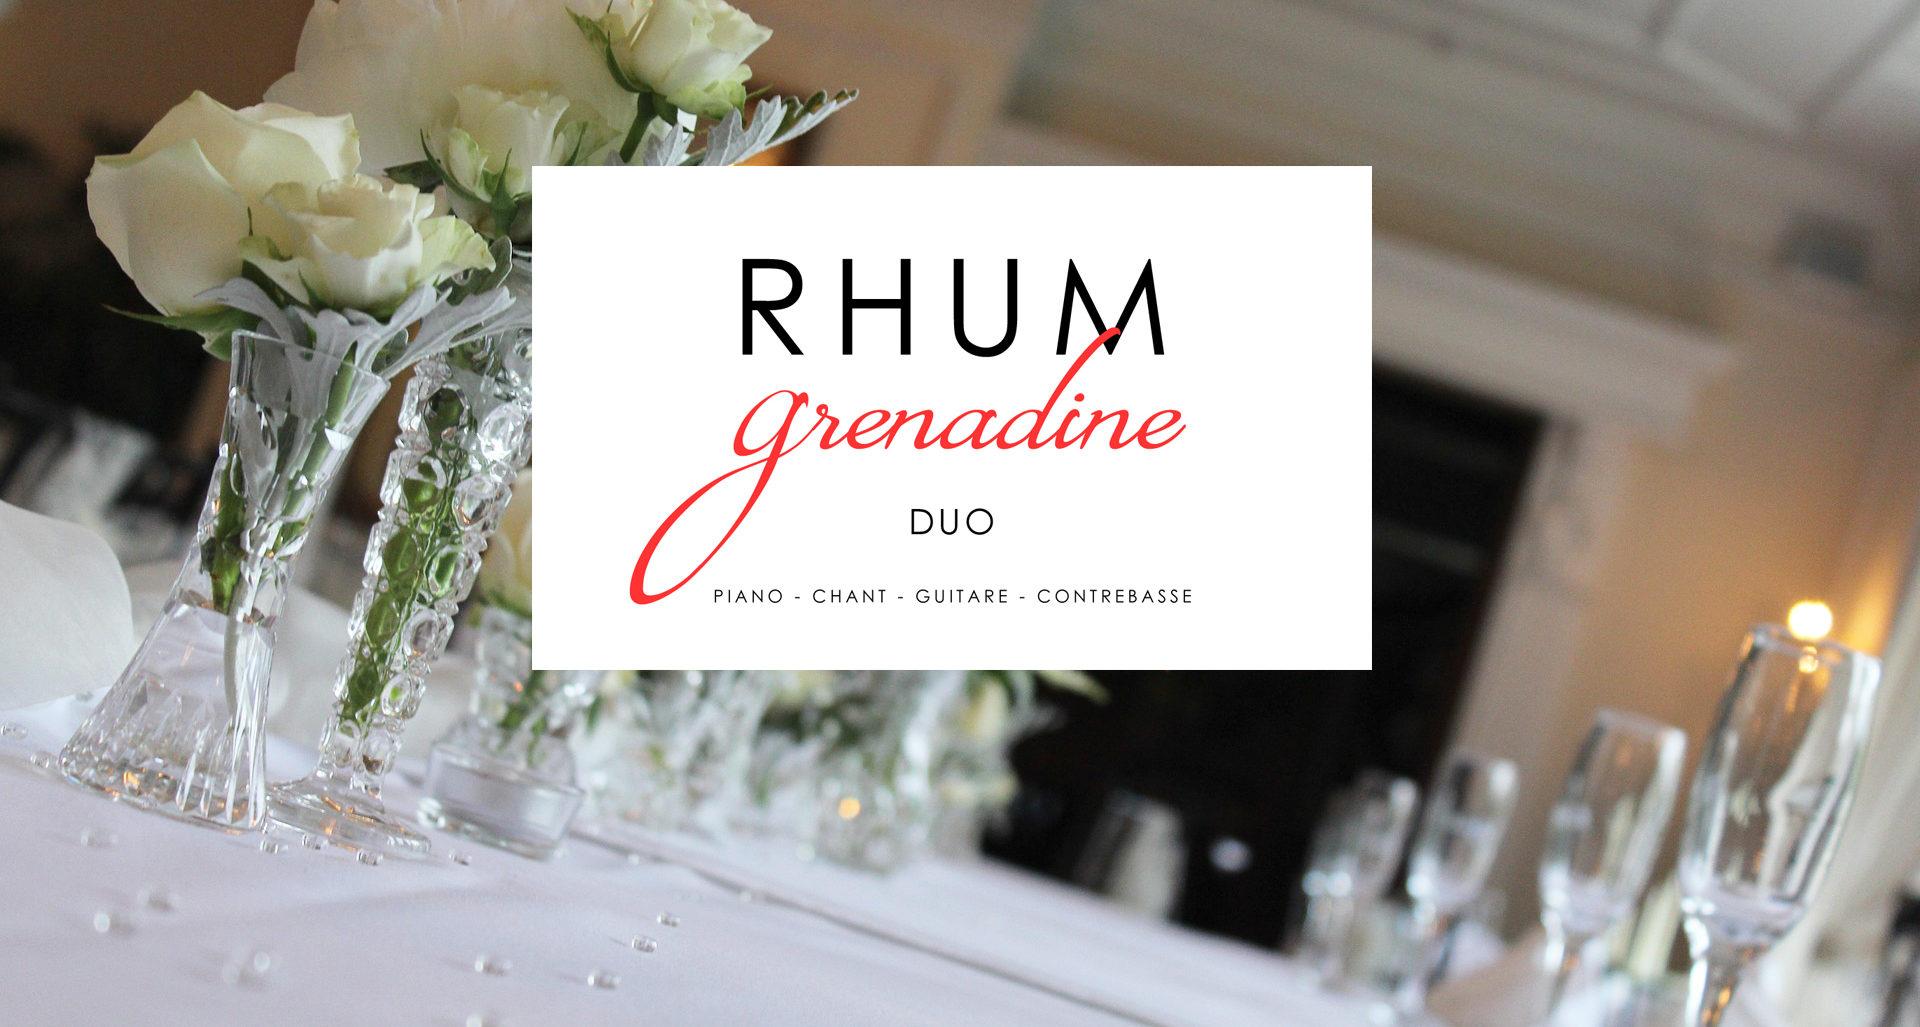 Duo Rhum Grenadine, animation cocktail de mariage ou soirée privée.